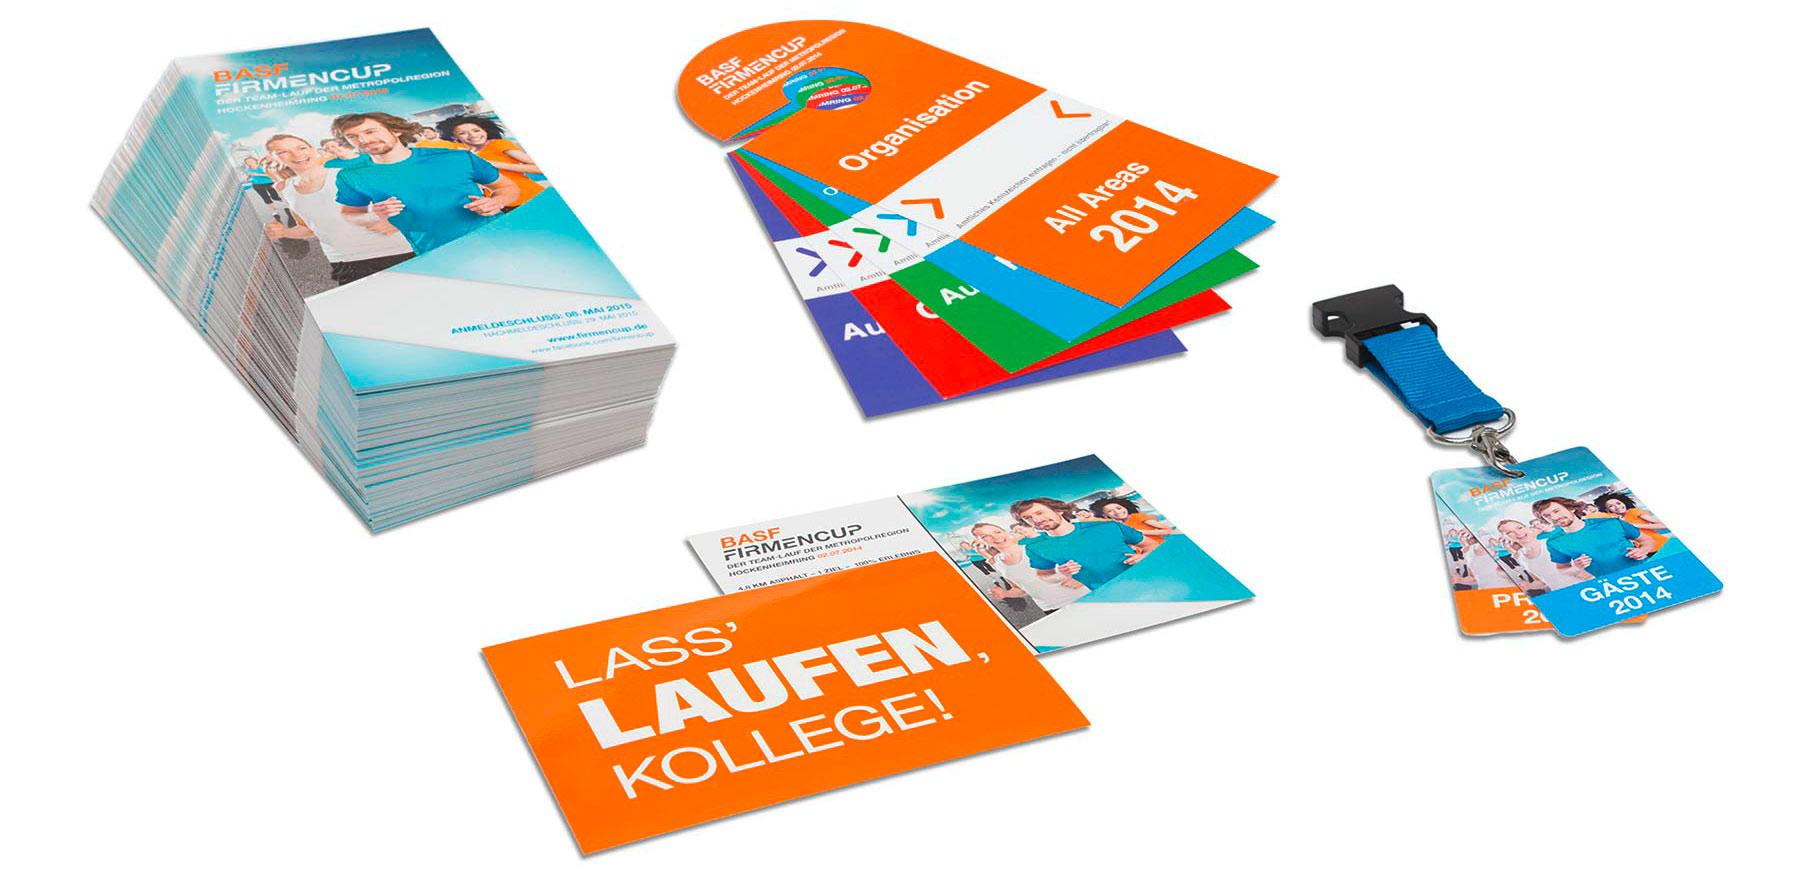 Flyer und andere Print-Materialien für das Event.